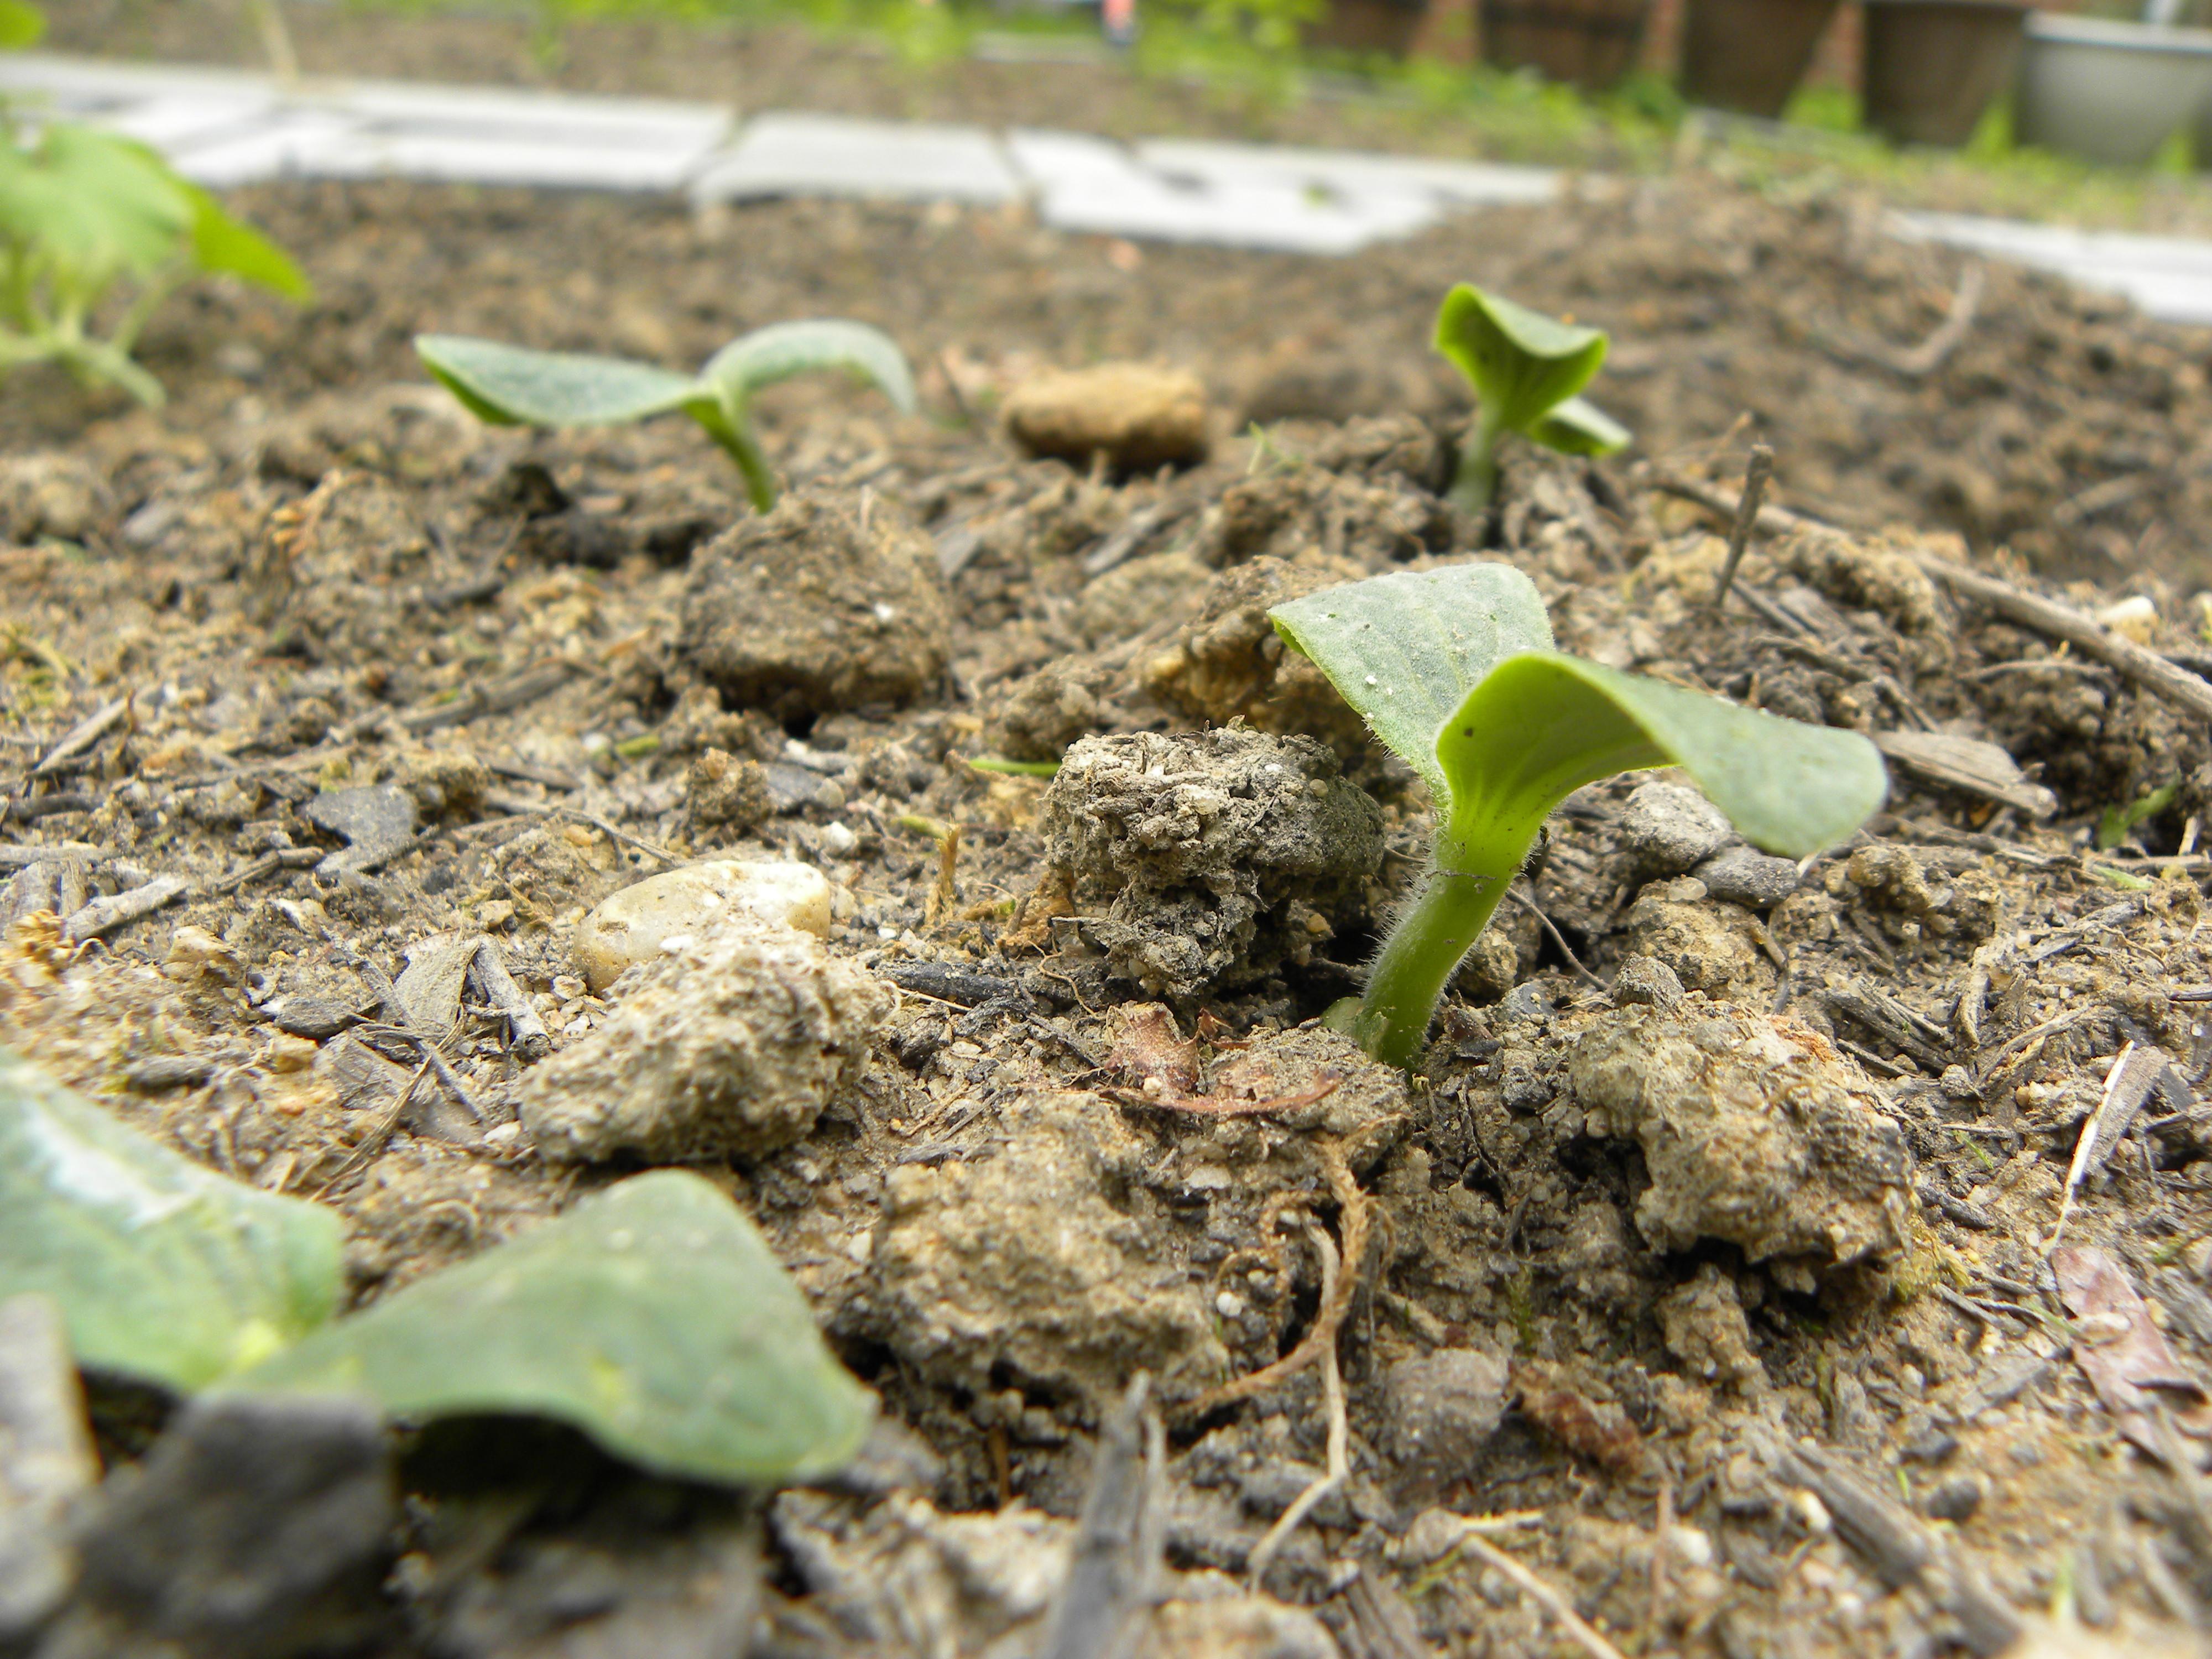 Garden update homemade organic pesticide a two storey home - Homemade organic pesticides ...